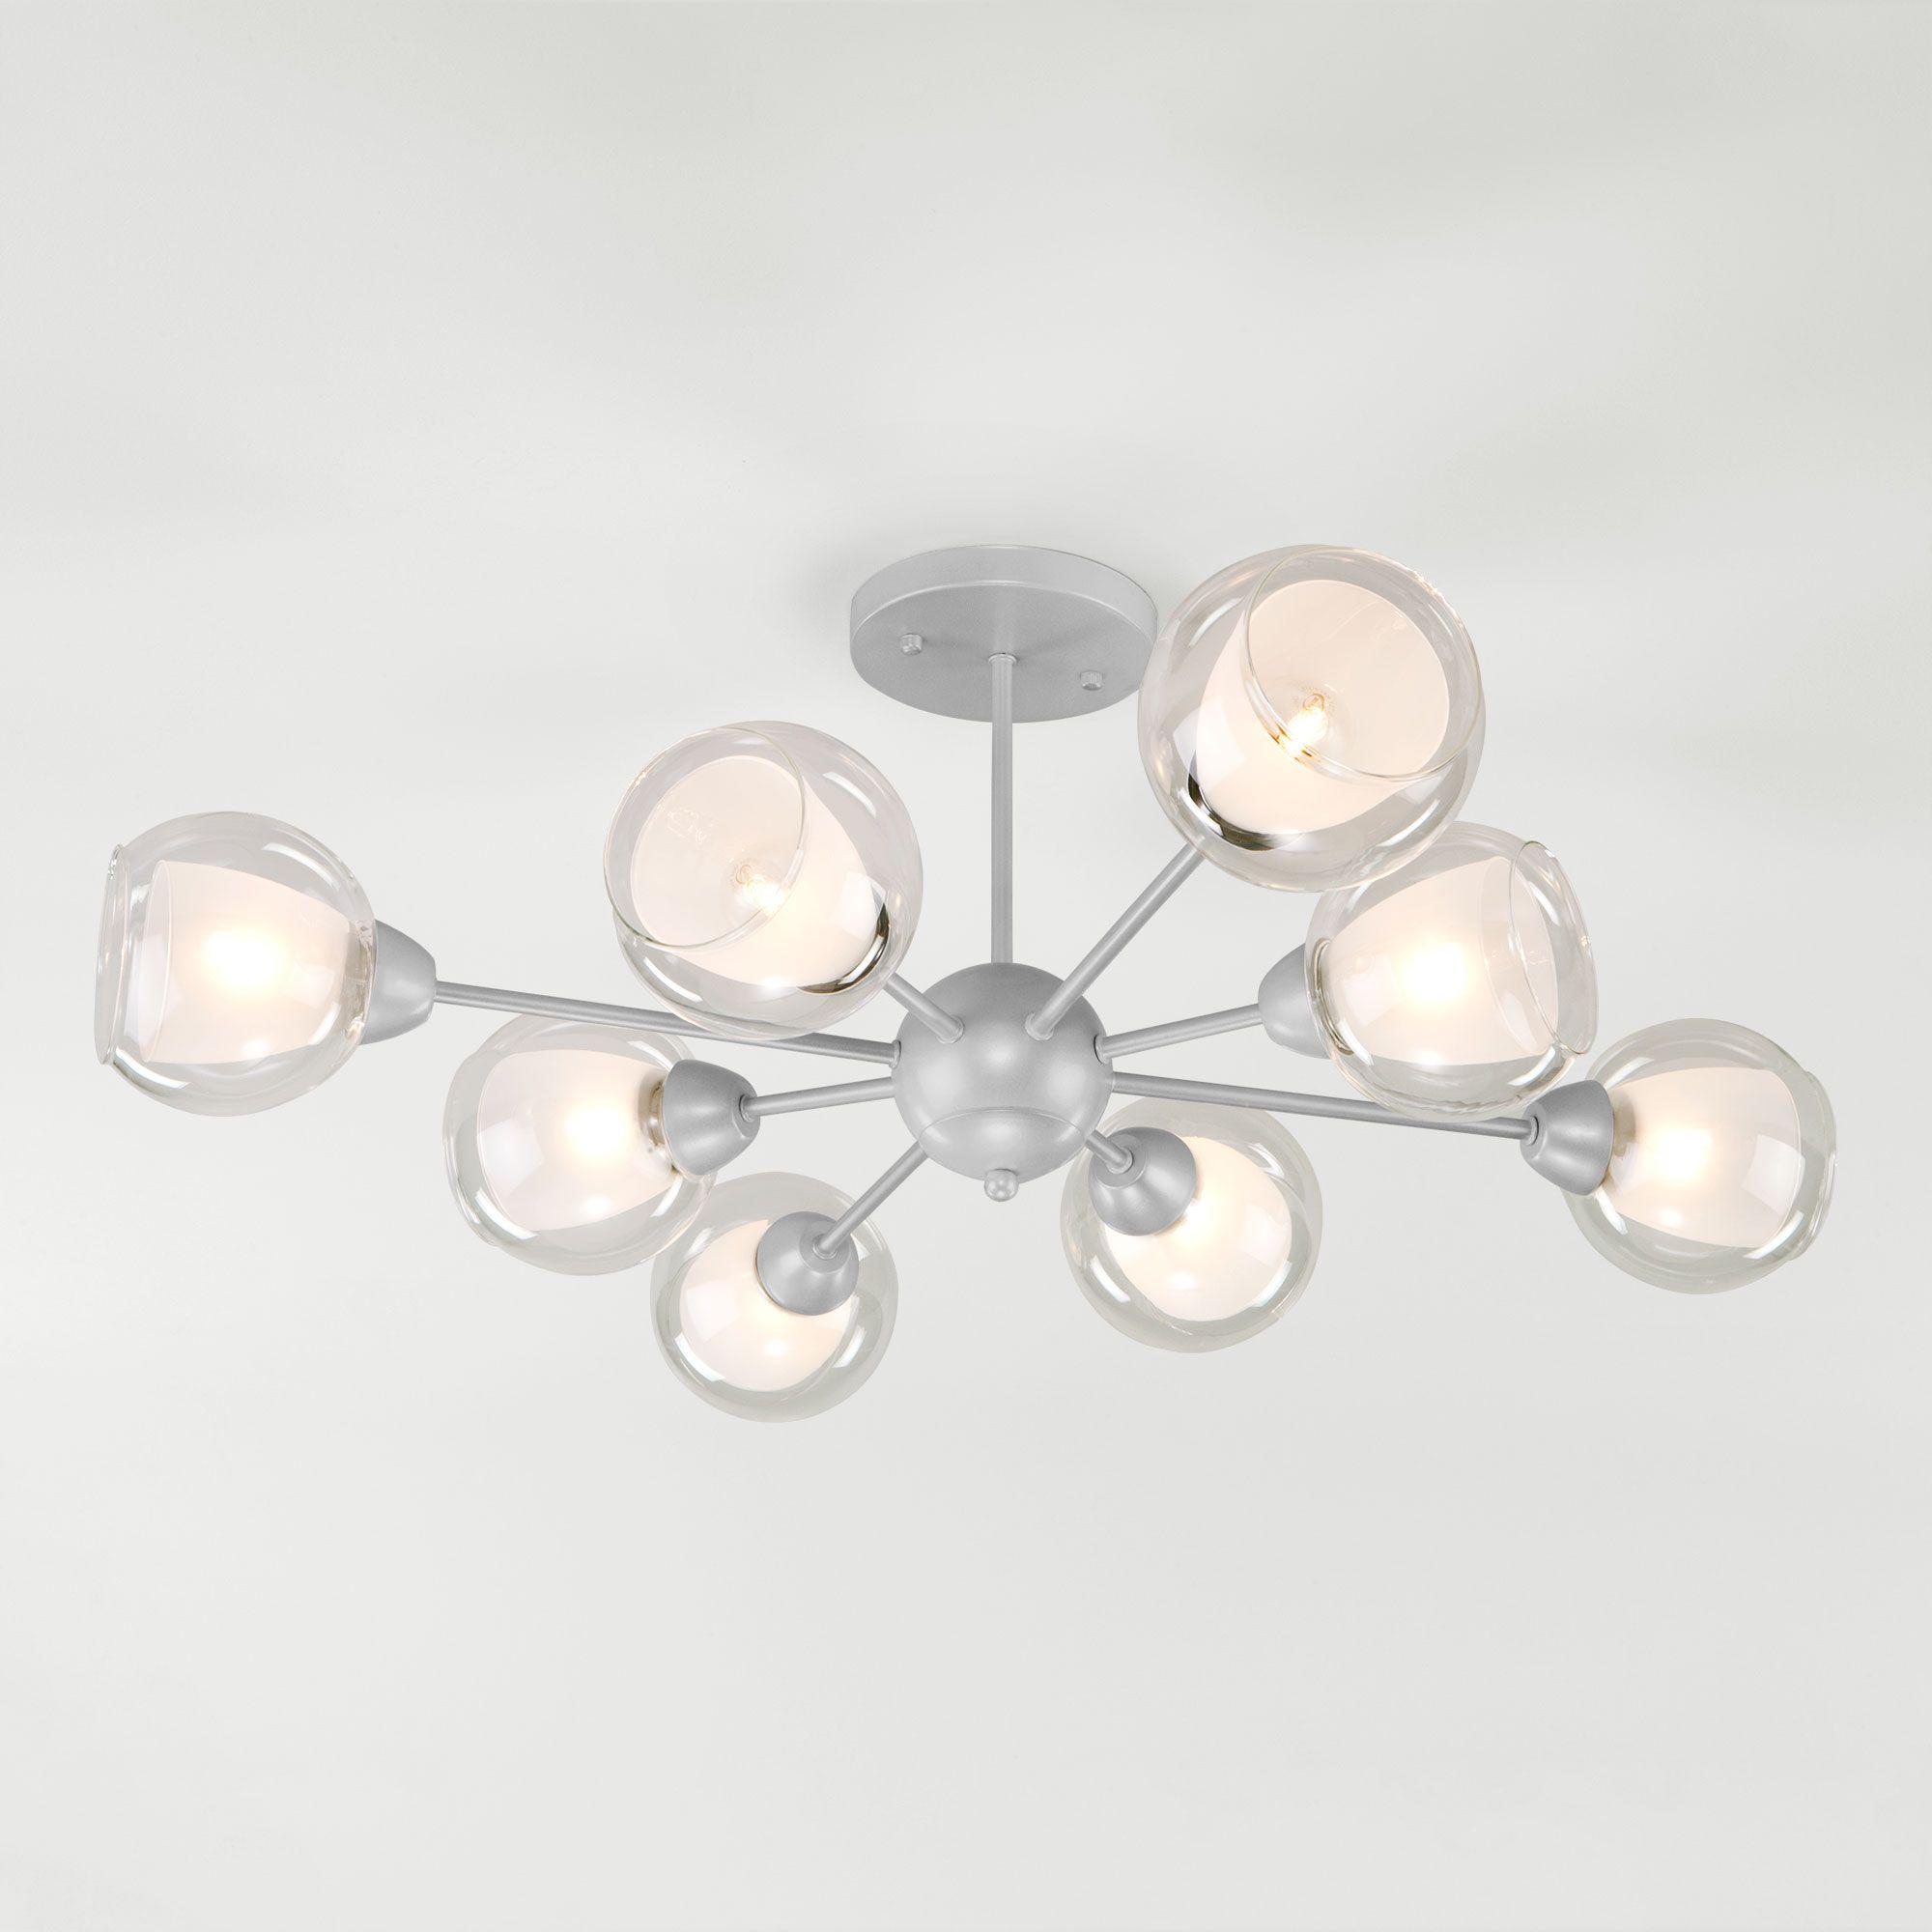 Потолочная люстра со стеклянными плафонами 30163/8 серебро